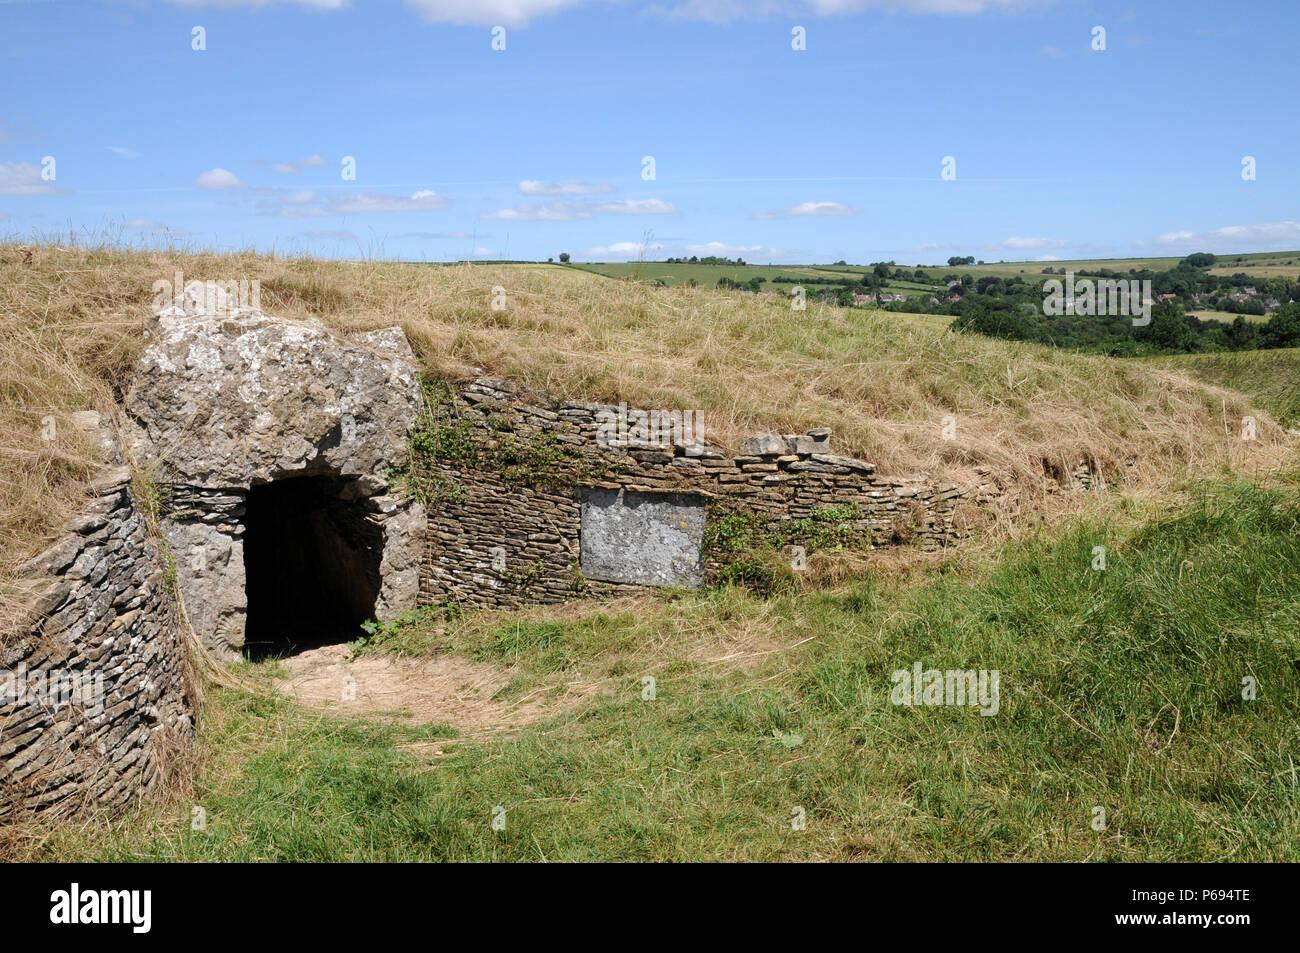 Stoney Littleton Longbarrow, vicino a bagno nell'Inghilterra occidentale, è uno dei paesi più belli del Neolitico accesible chambered tombe. Foto Stock